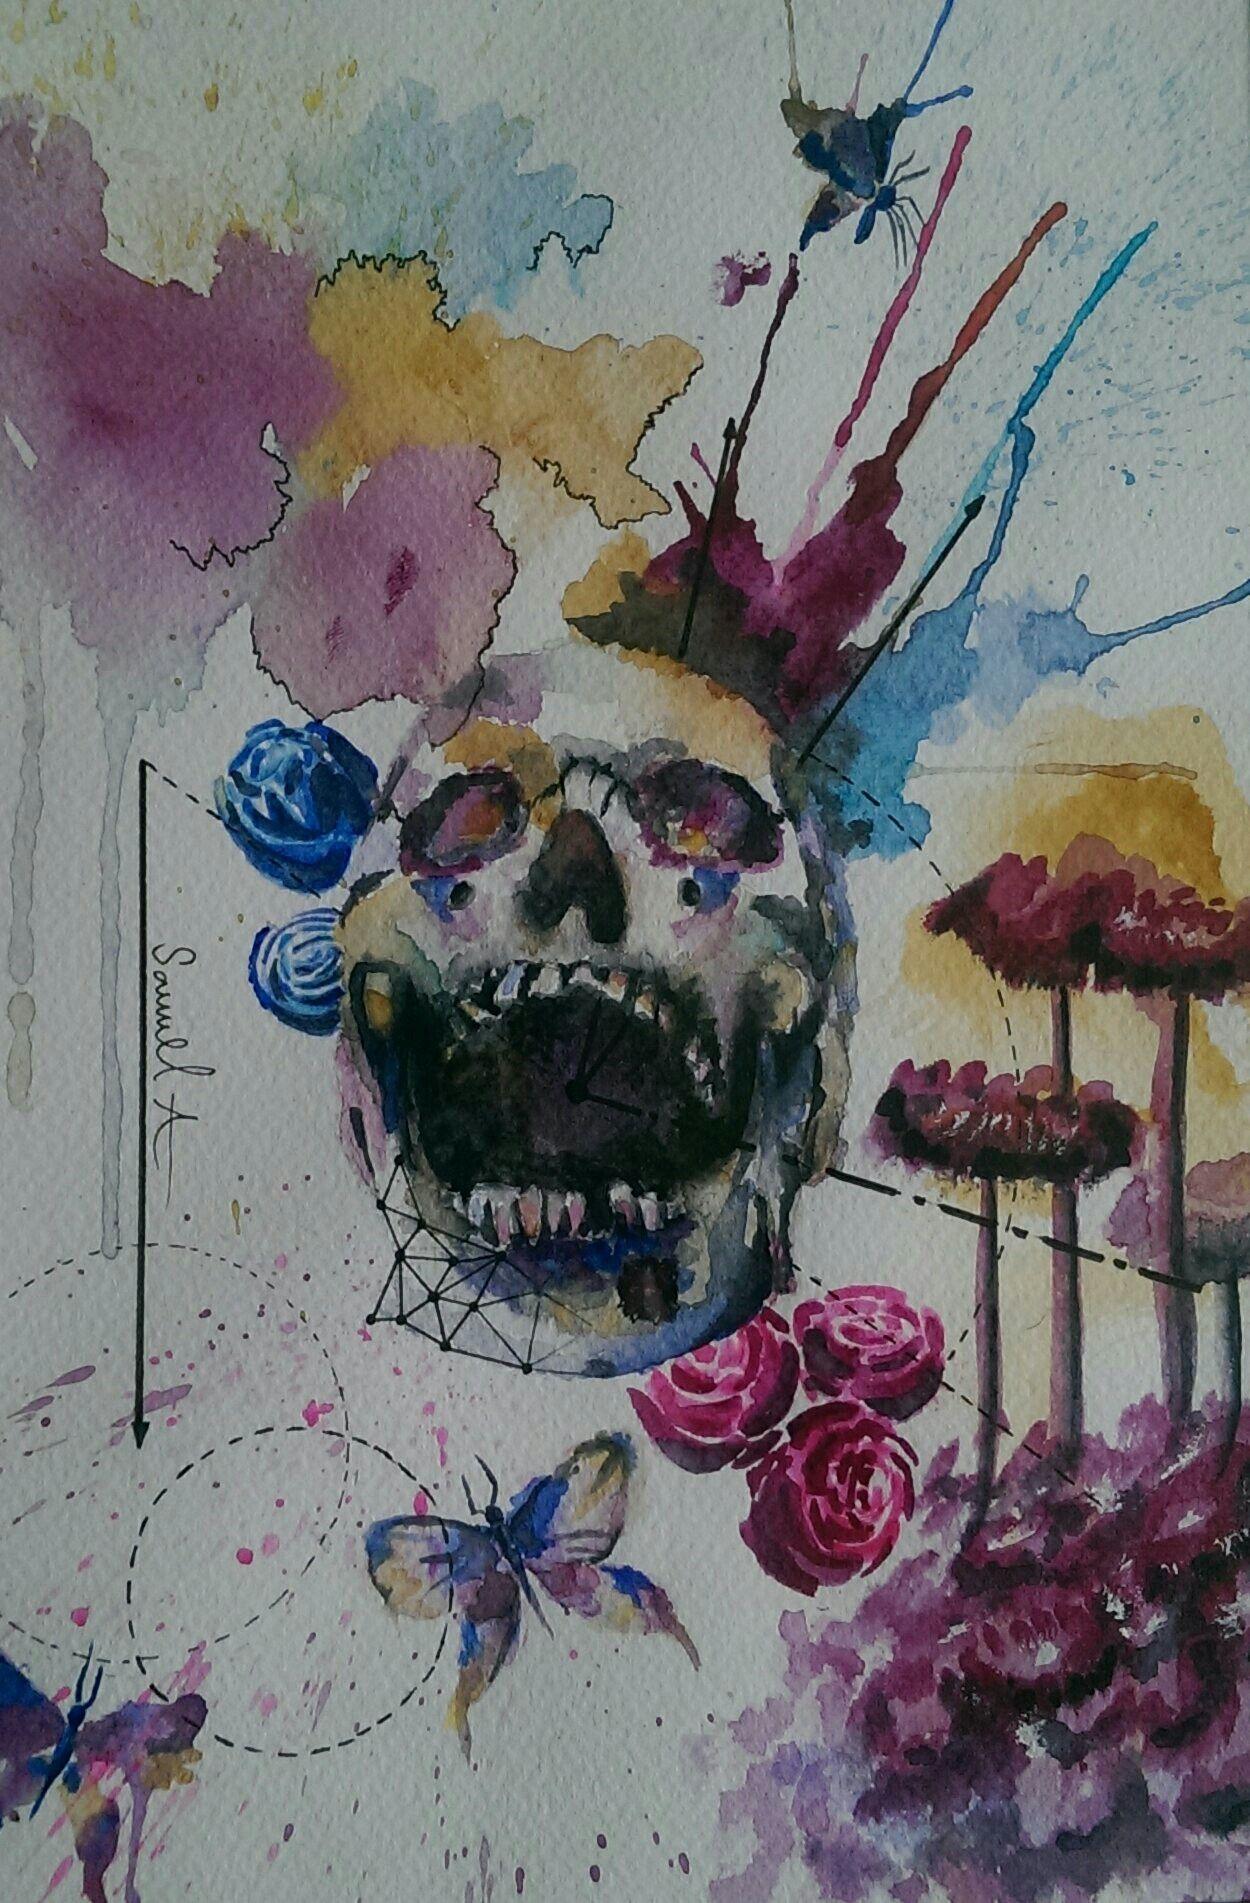 Instagram semlan_99 watercolour skull flower rose